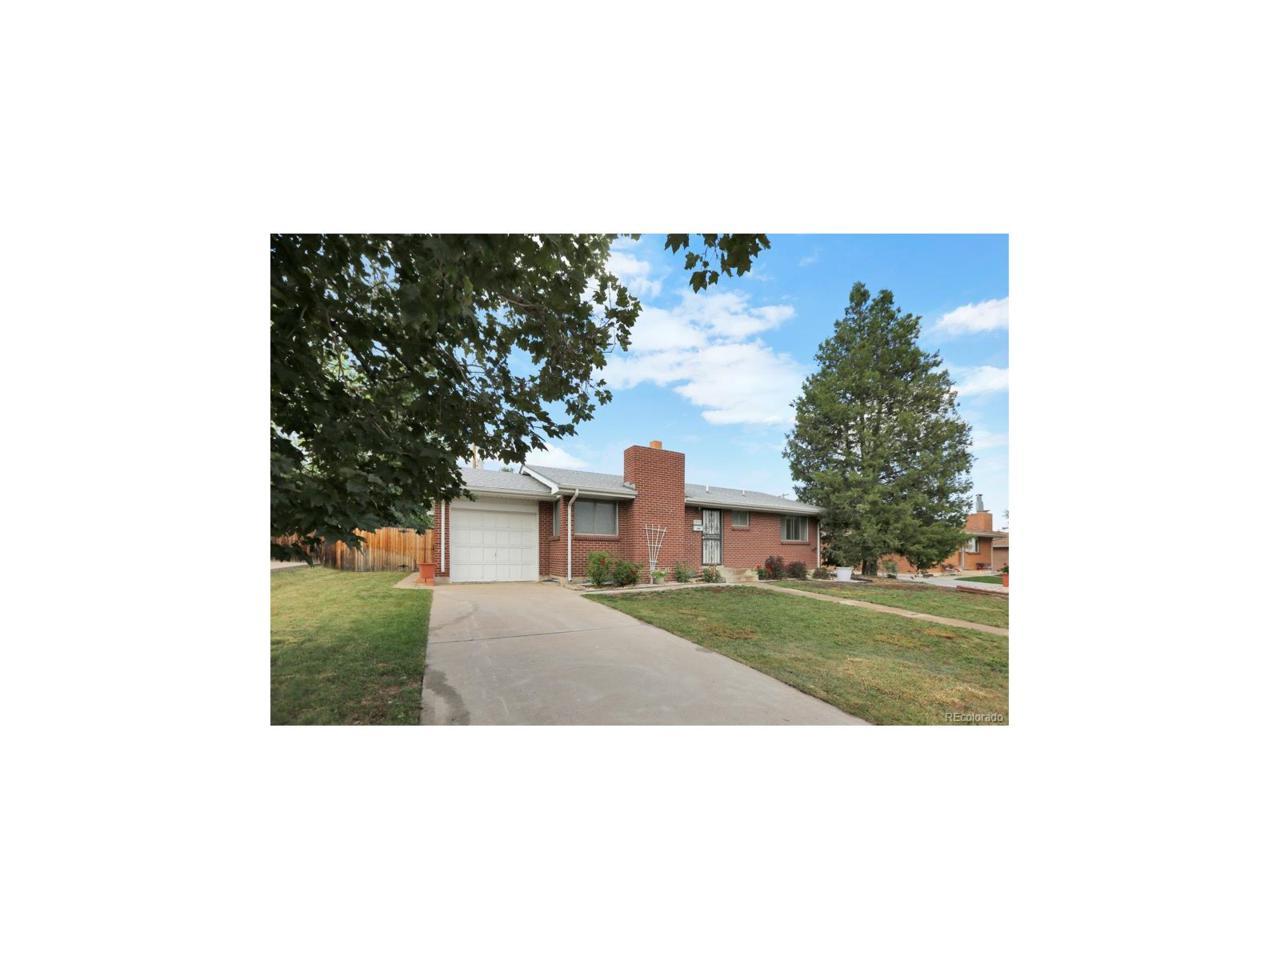 7628 Elmwood Lane, Denver, CO 80221 (MLS #2231667) :: 8z Real Estate